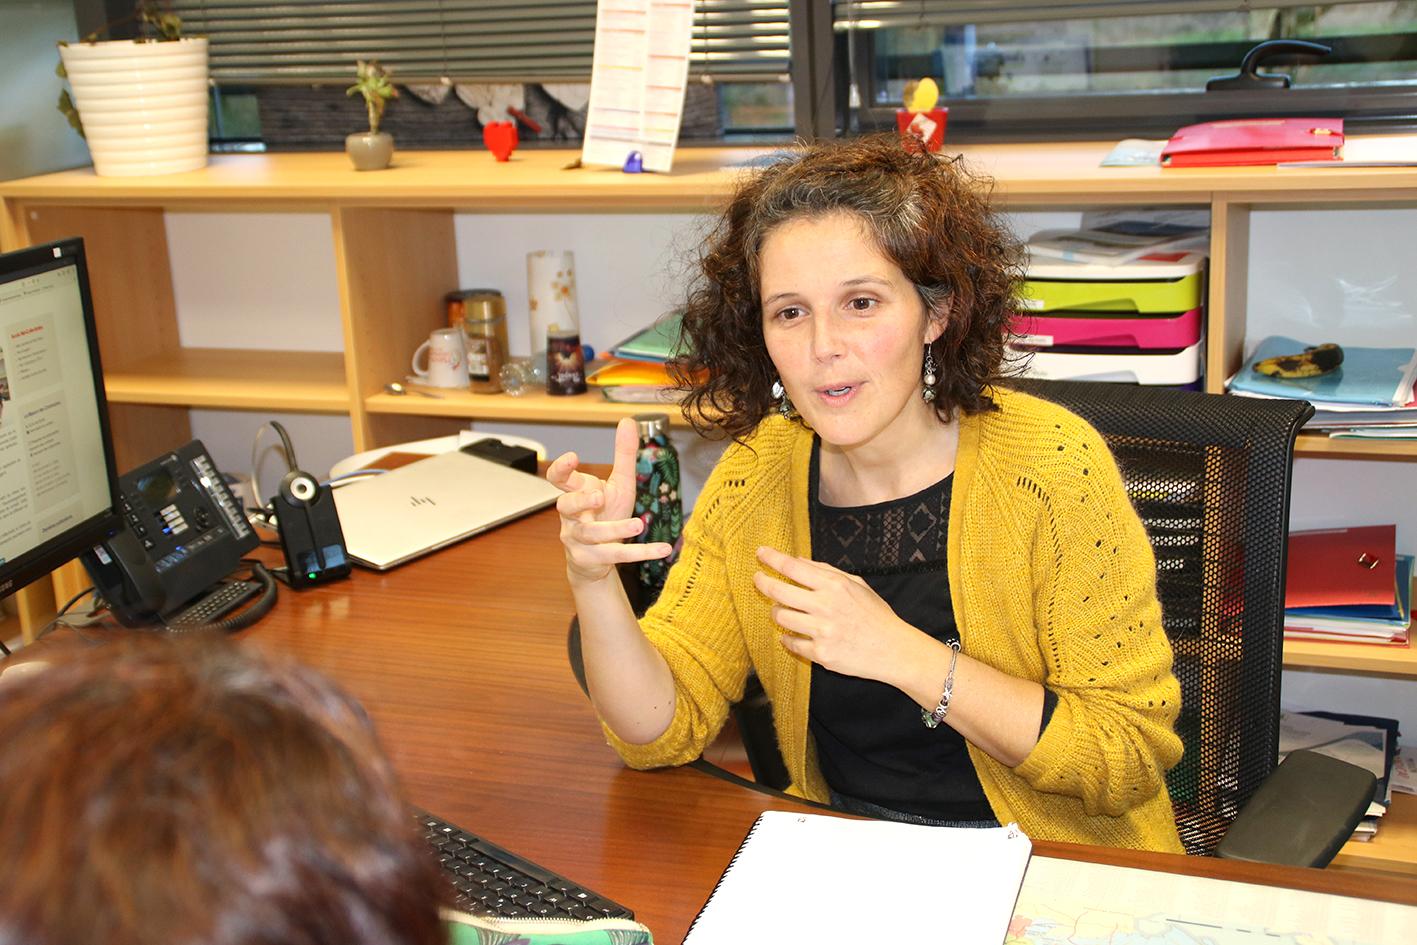 Entretien Autrélie Martineau avec agent